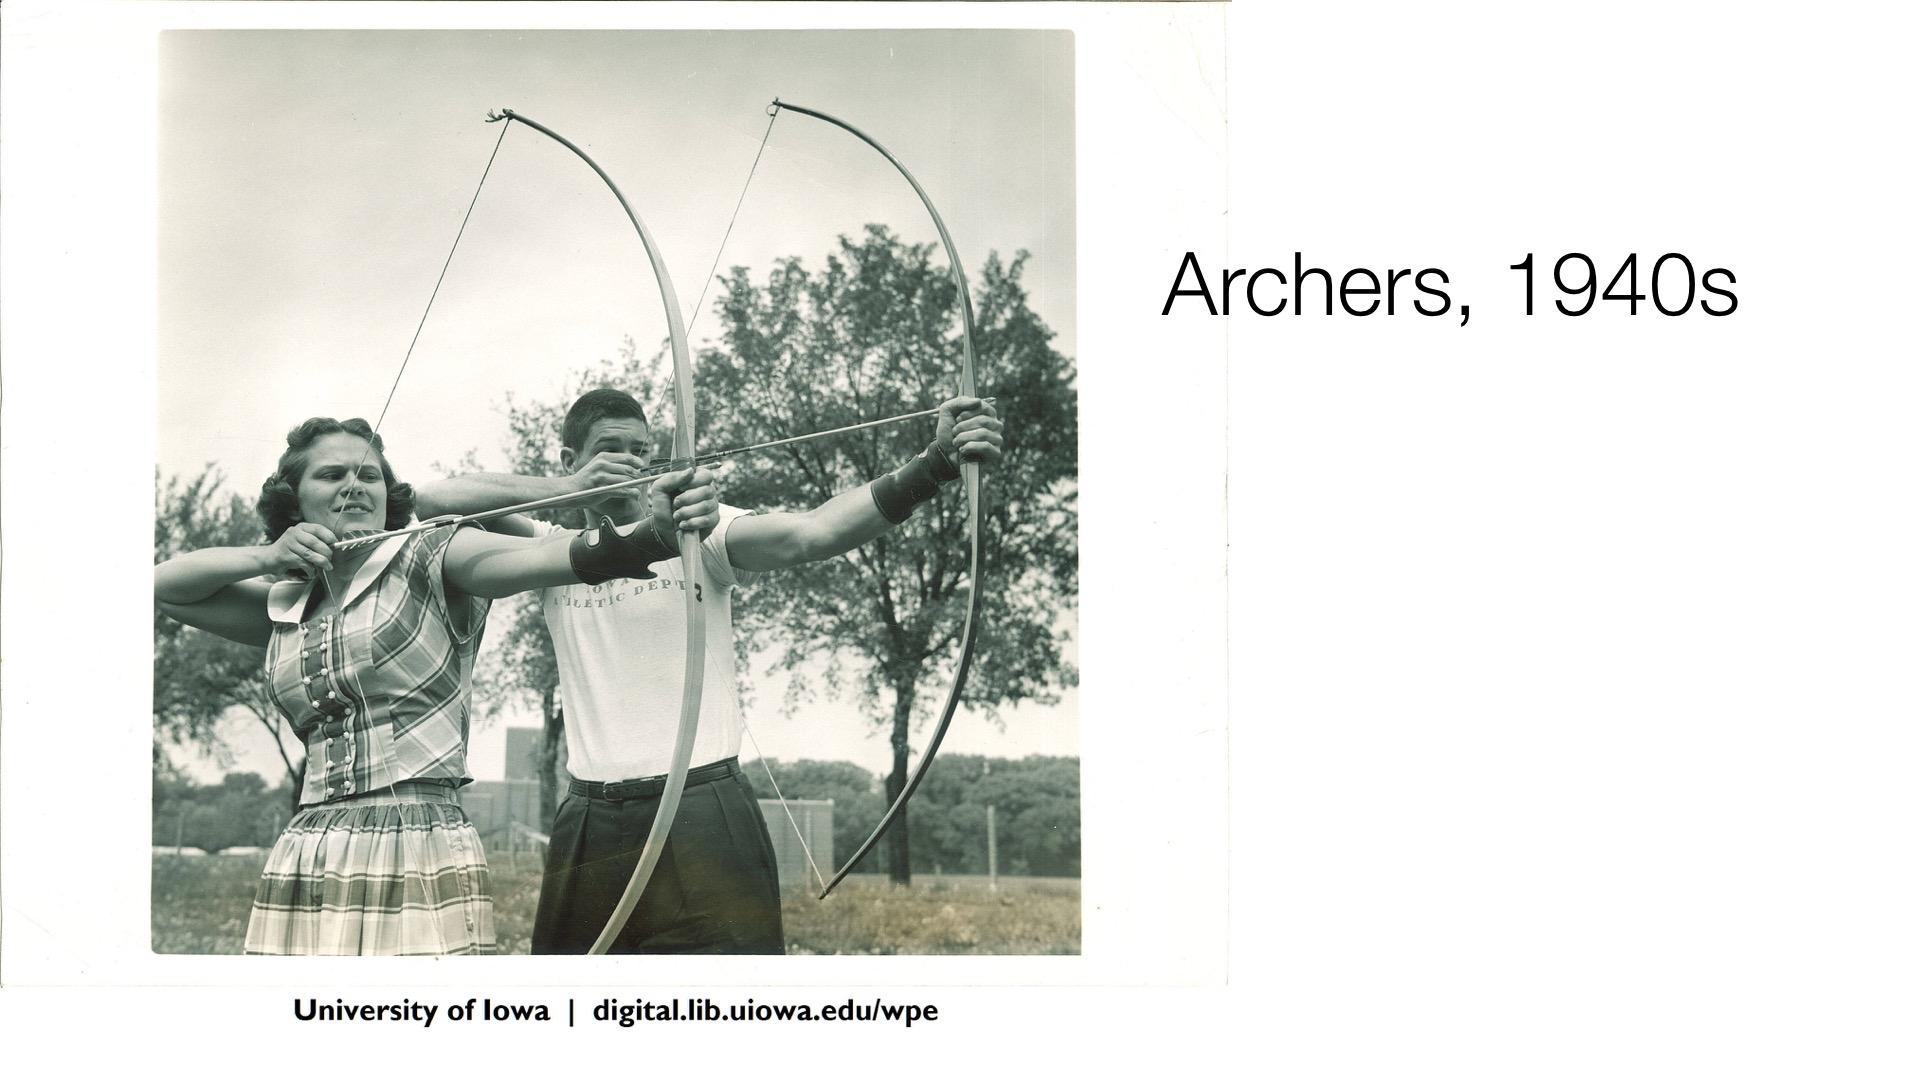 Archers, 1940s